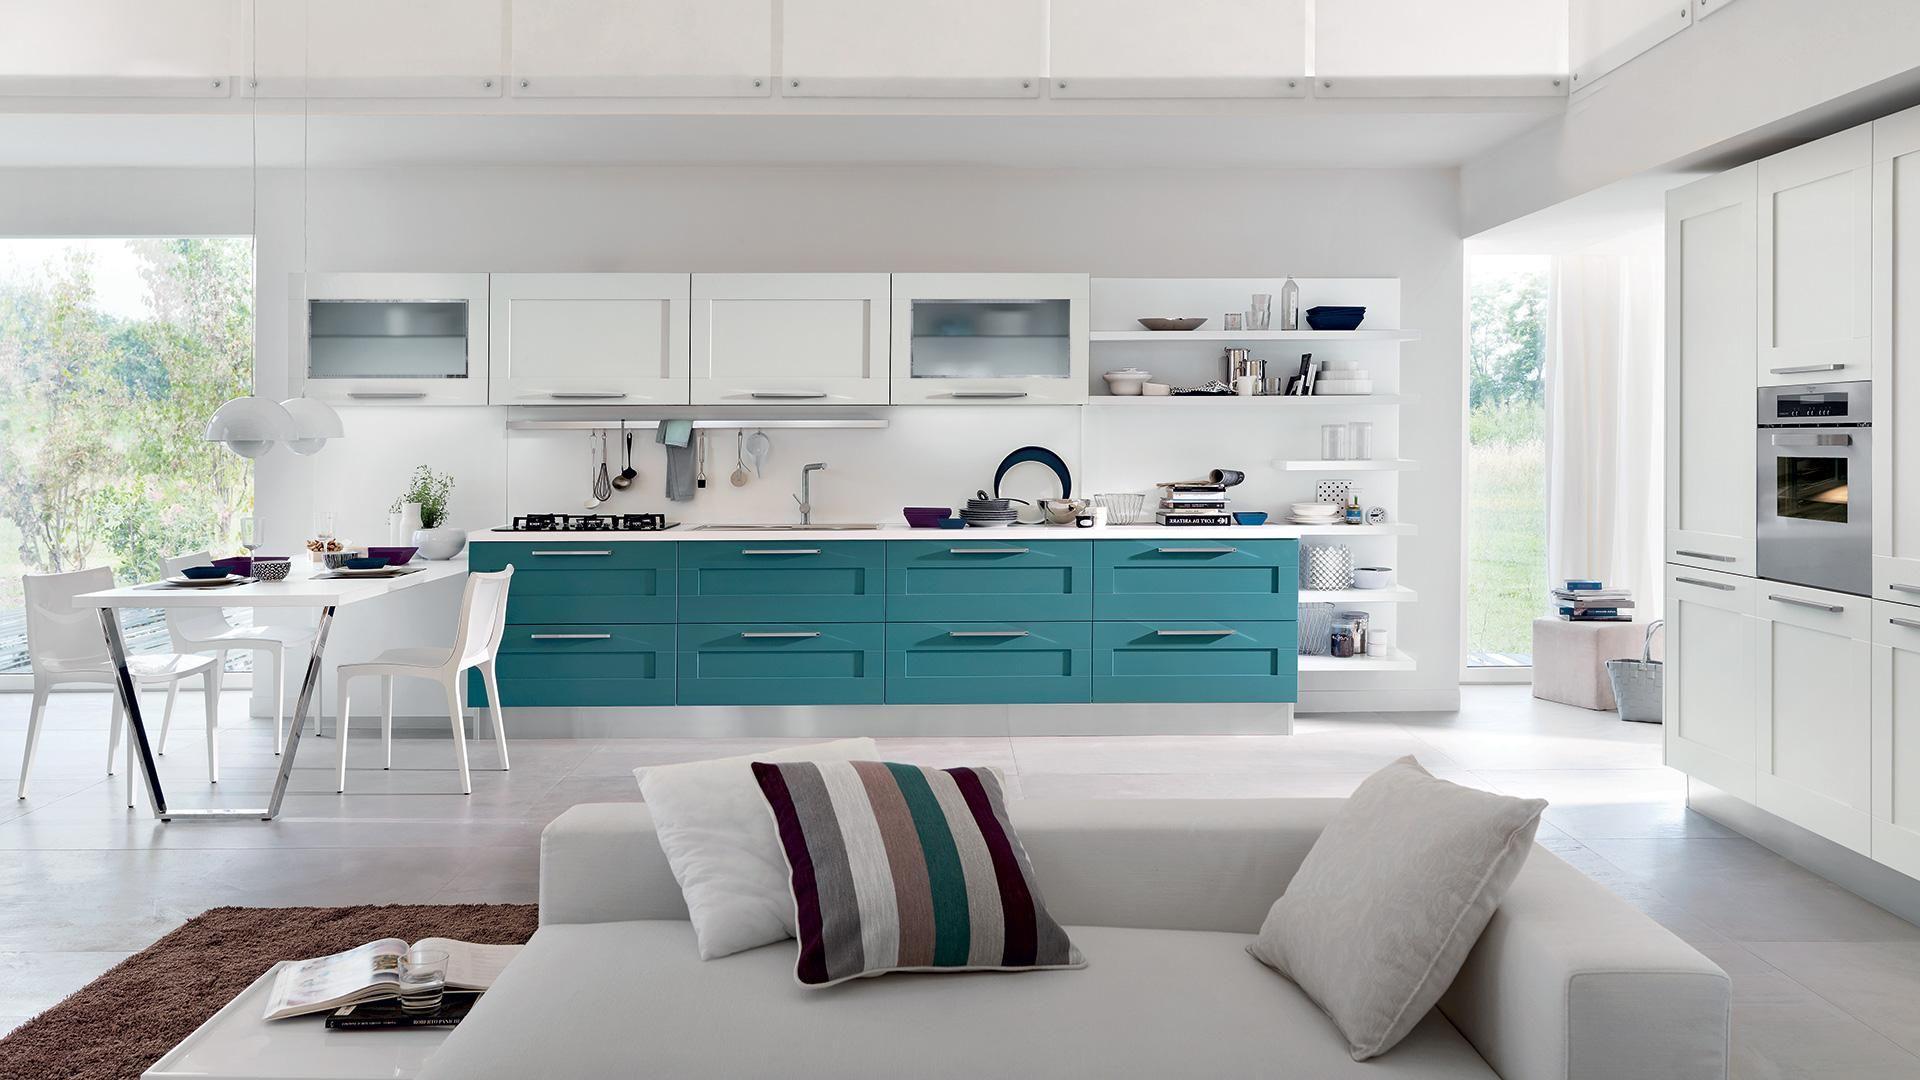 Cocina blanca y verde agua. | Cocinas | Pinterest | Cocina blanca ...